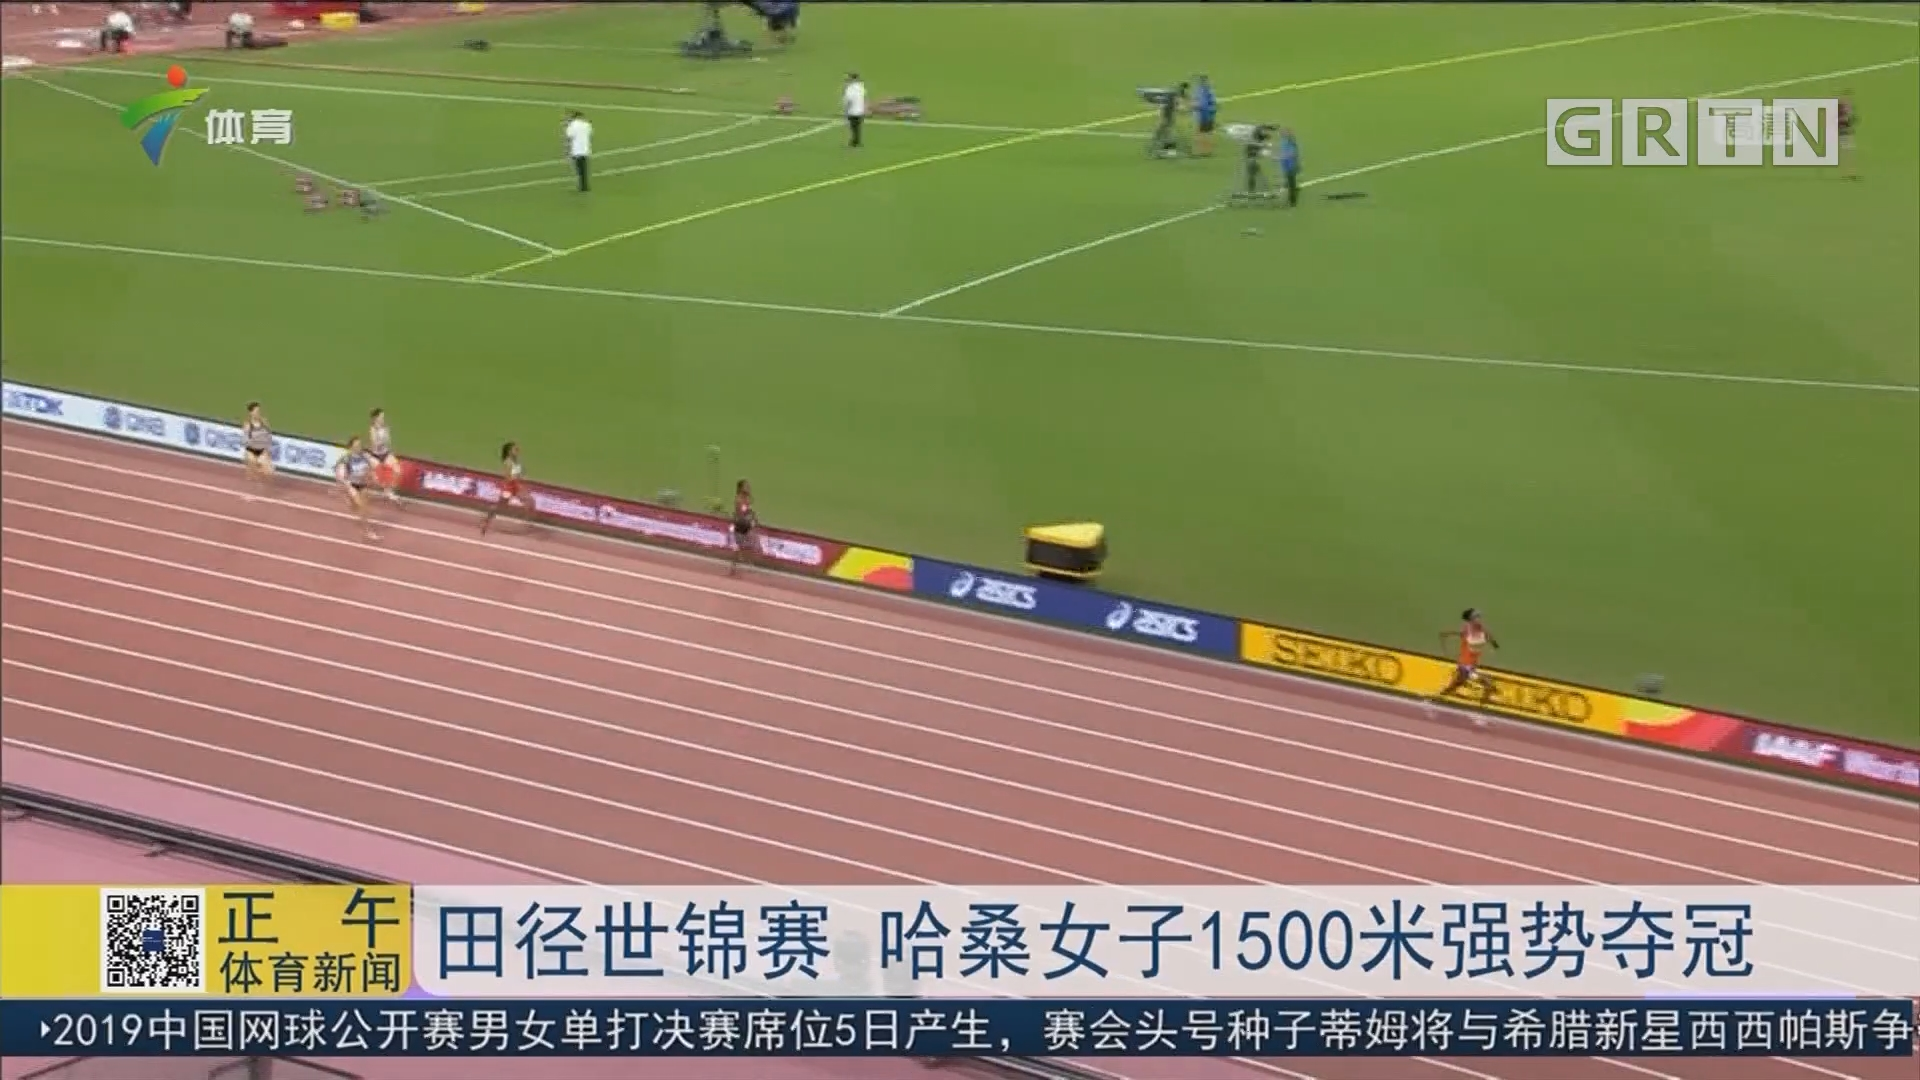 田径世锦赛 哈桑女子1500米强势夺冠